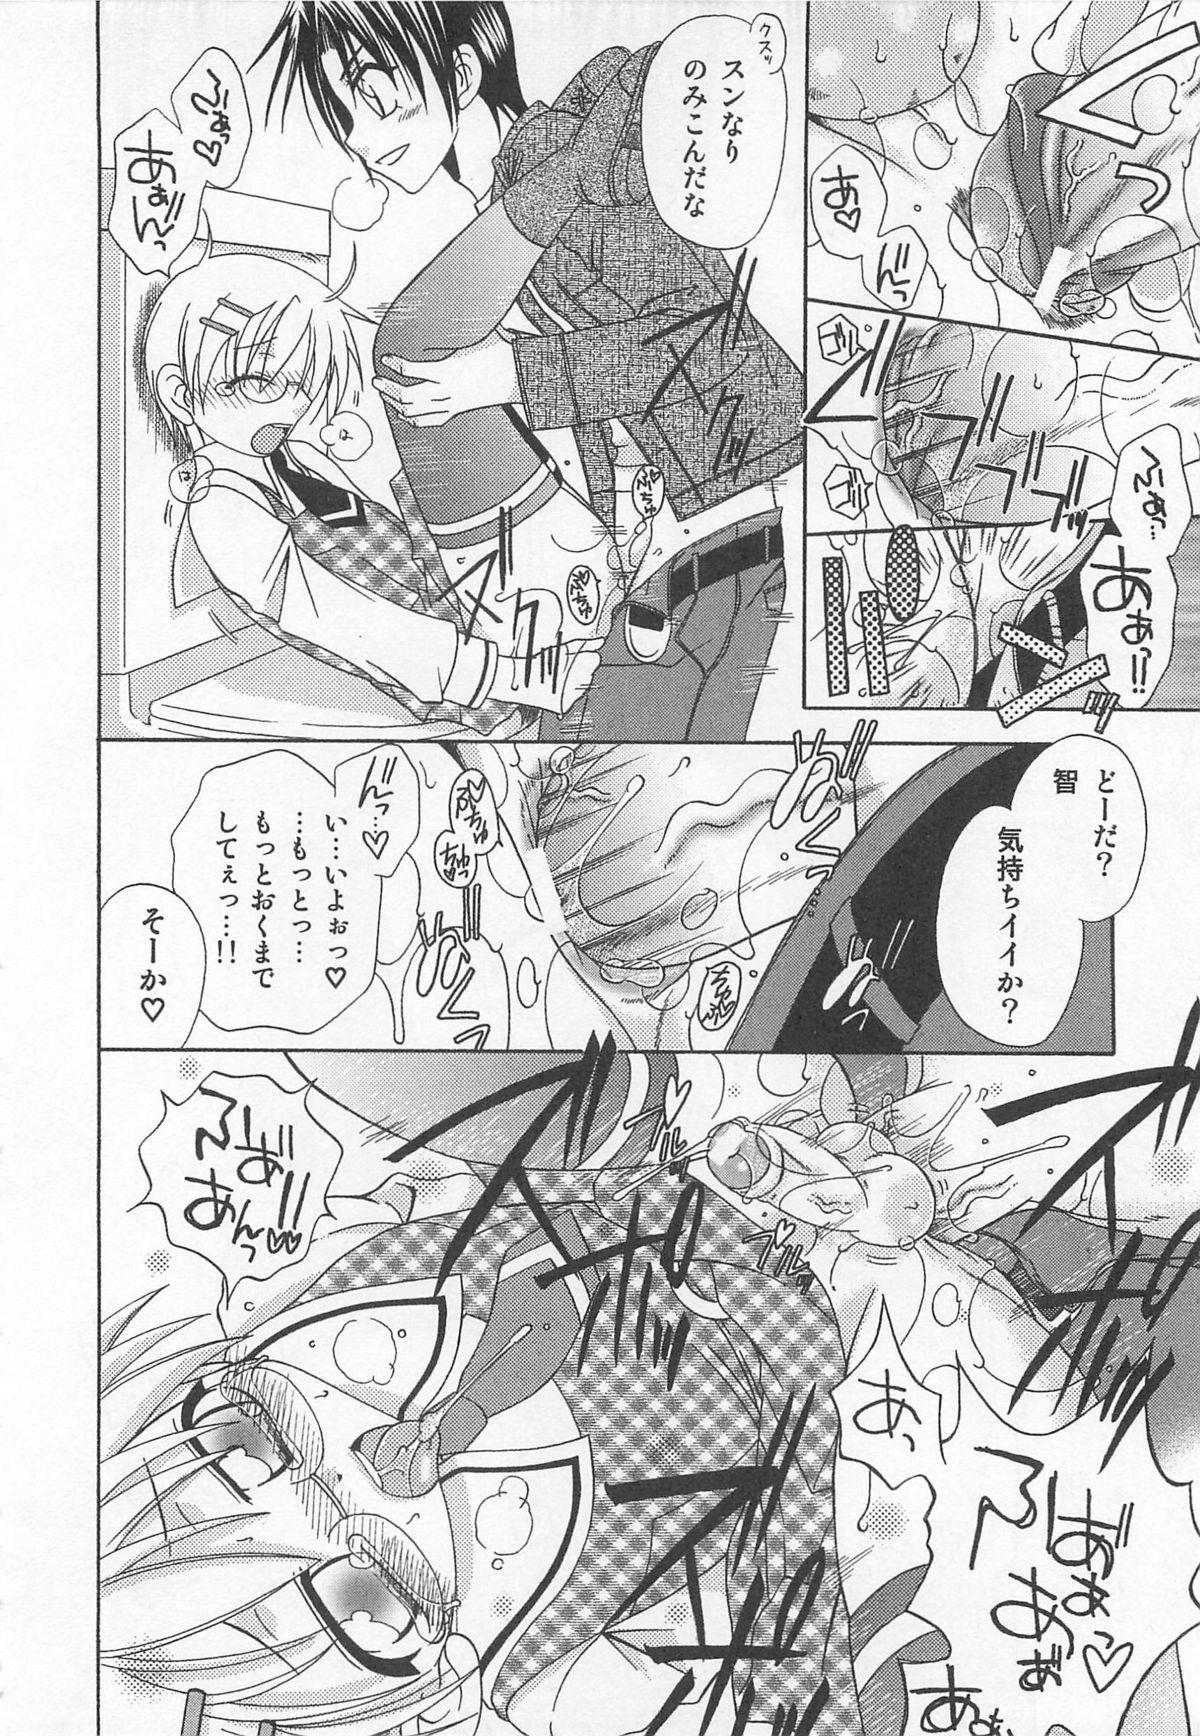 Otokonoko HEAVEN Vol. 01 Meganekko 76